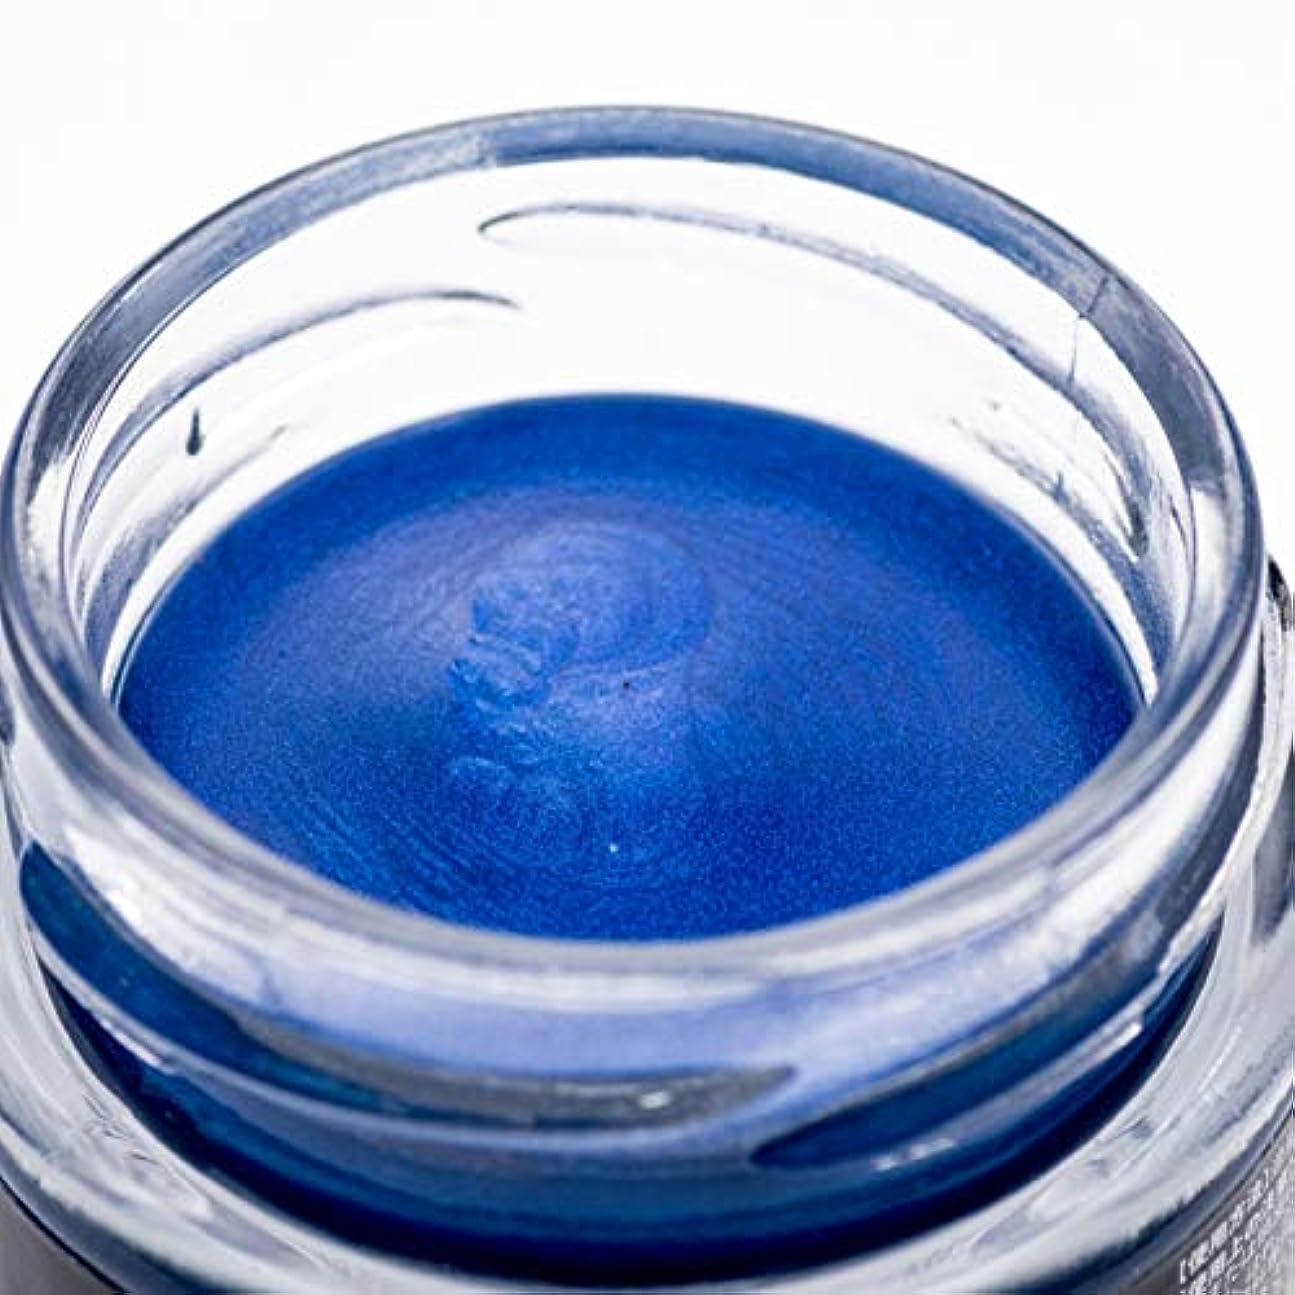 光の第九急ぐEMAJINY エマジニー カラーワックス Mysterious Blue ブルー M25 36g